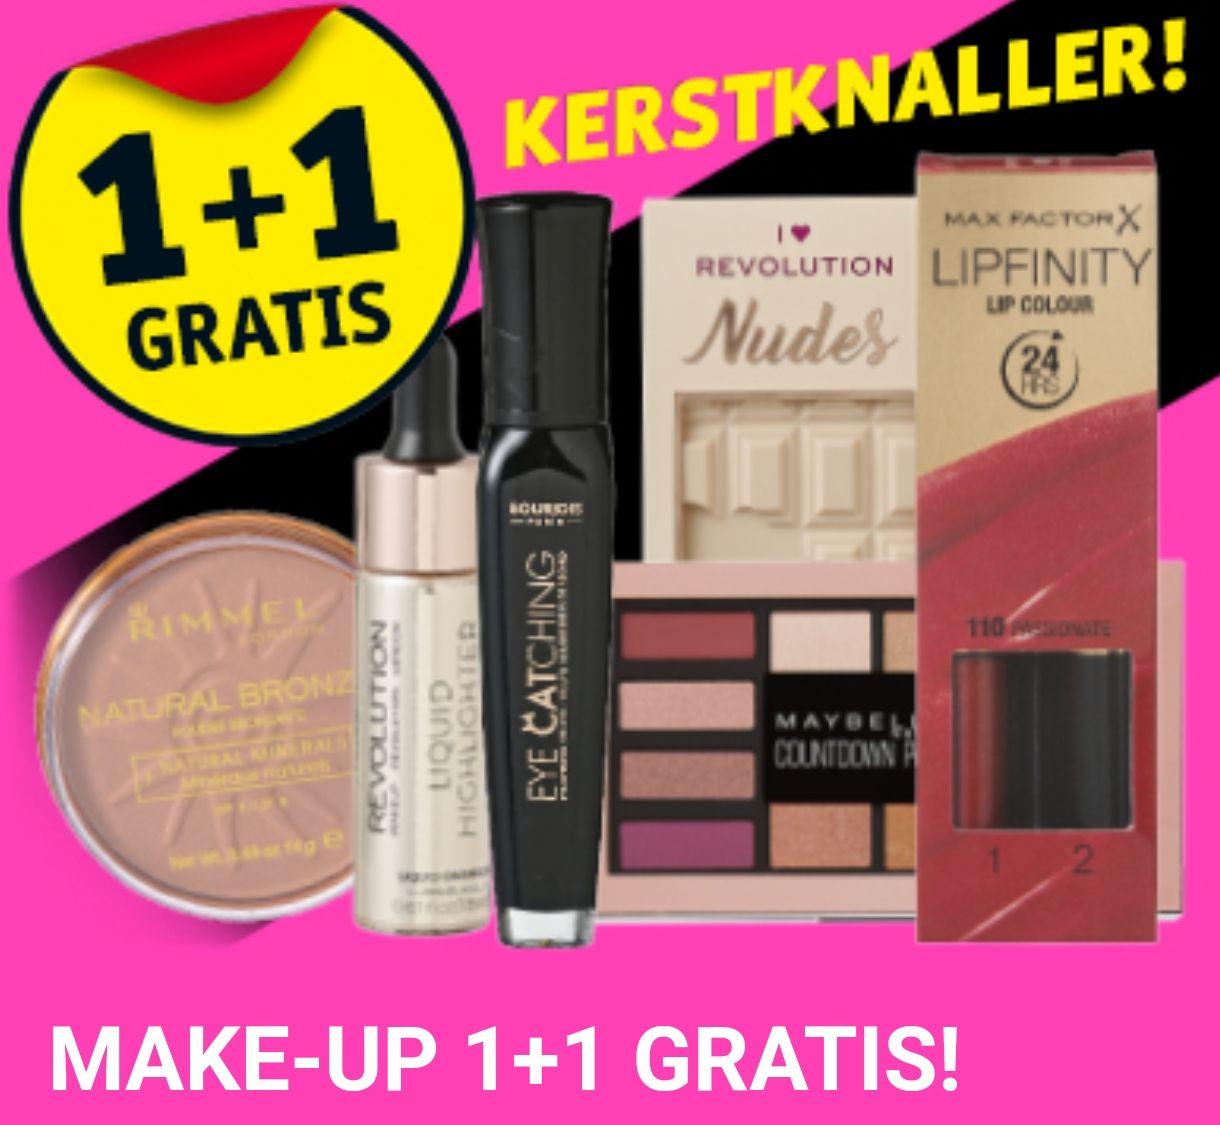 Make-up 1+1 gratis | + DAGACTIE @Kruidvat